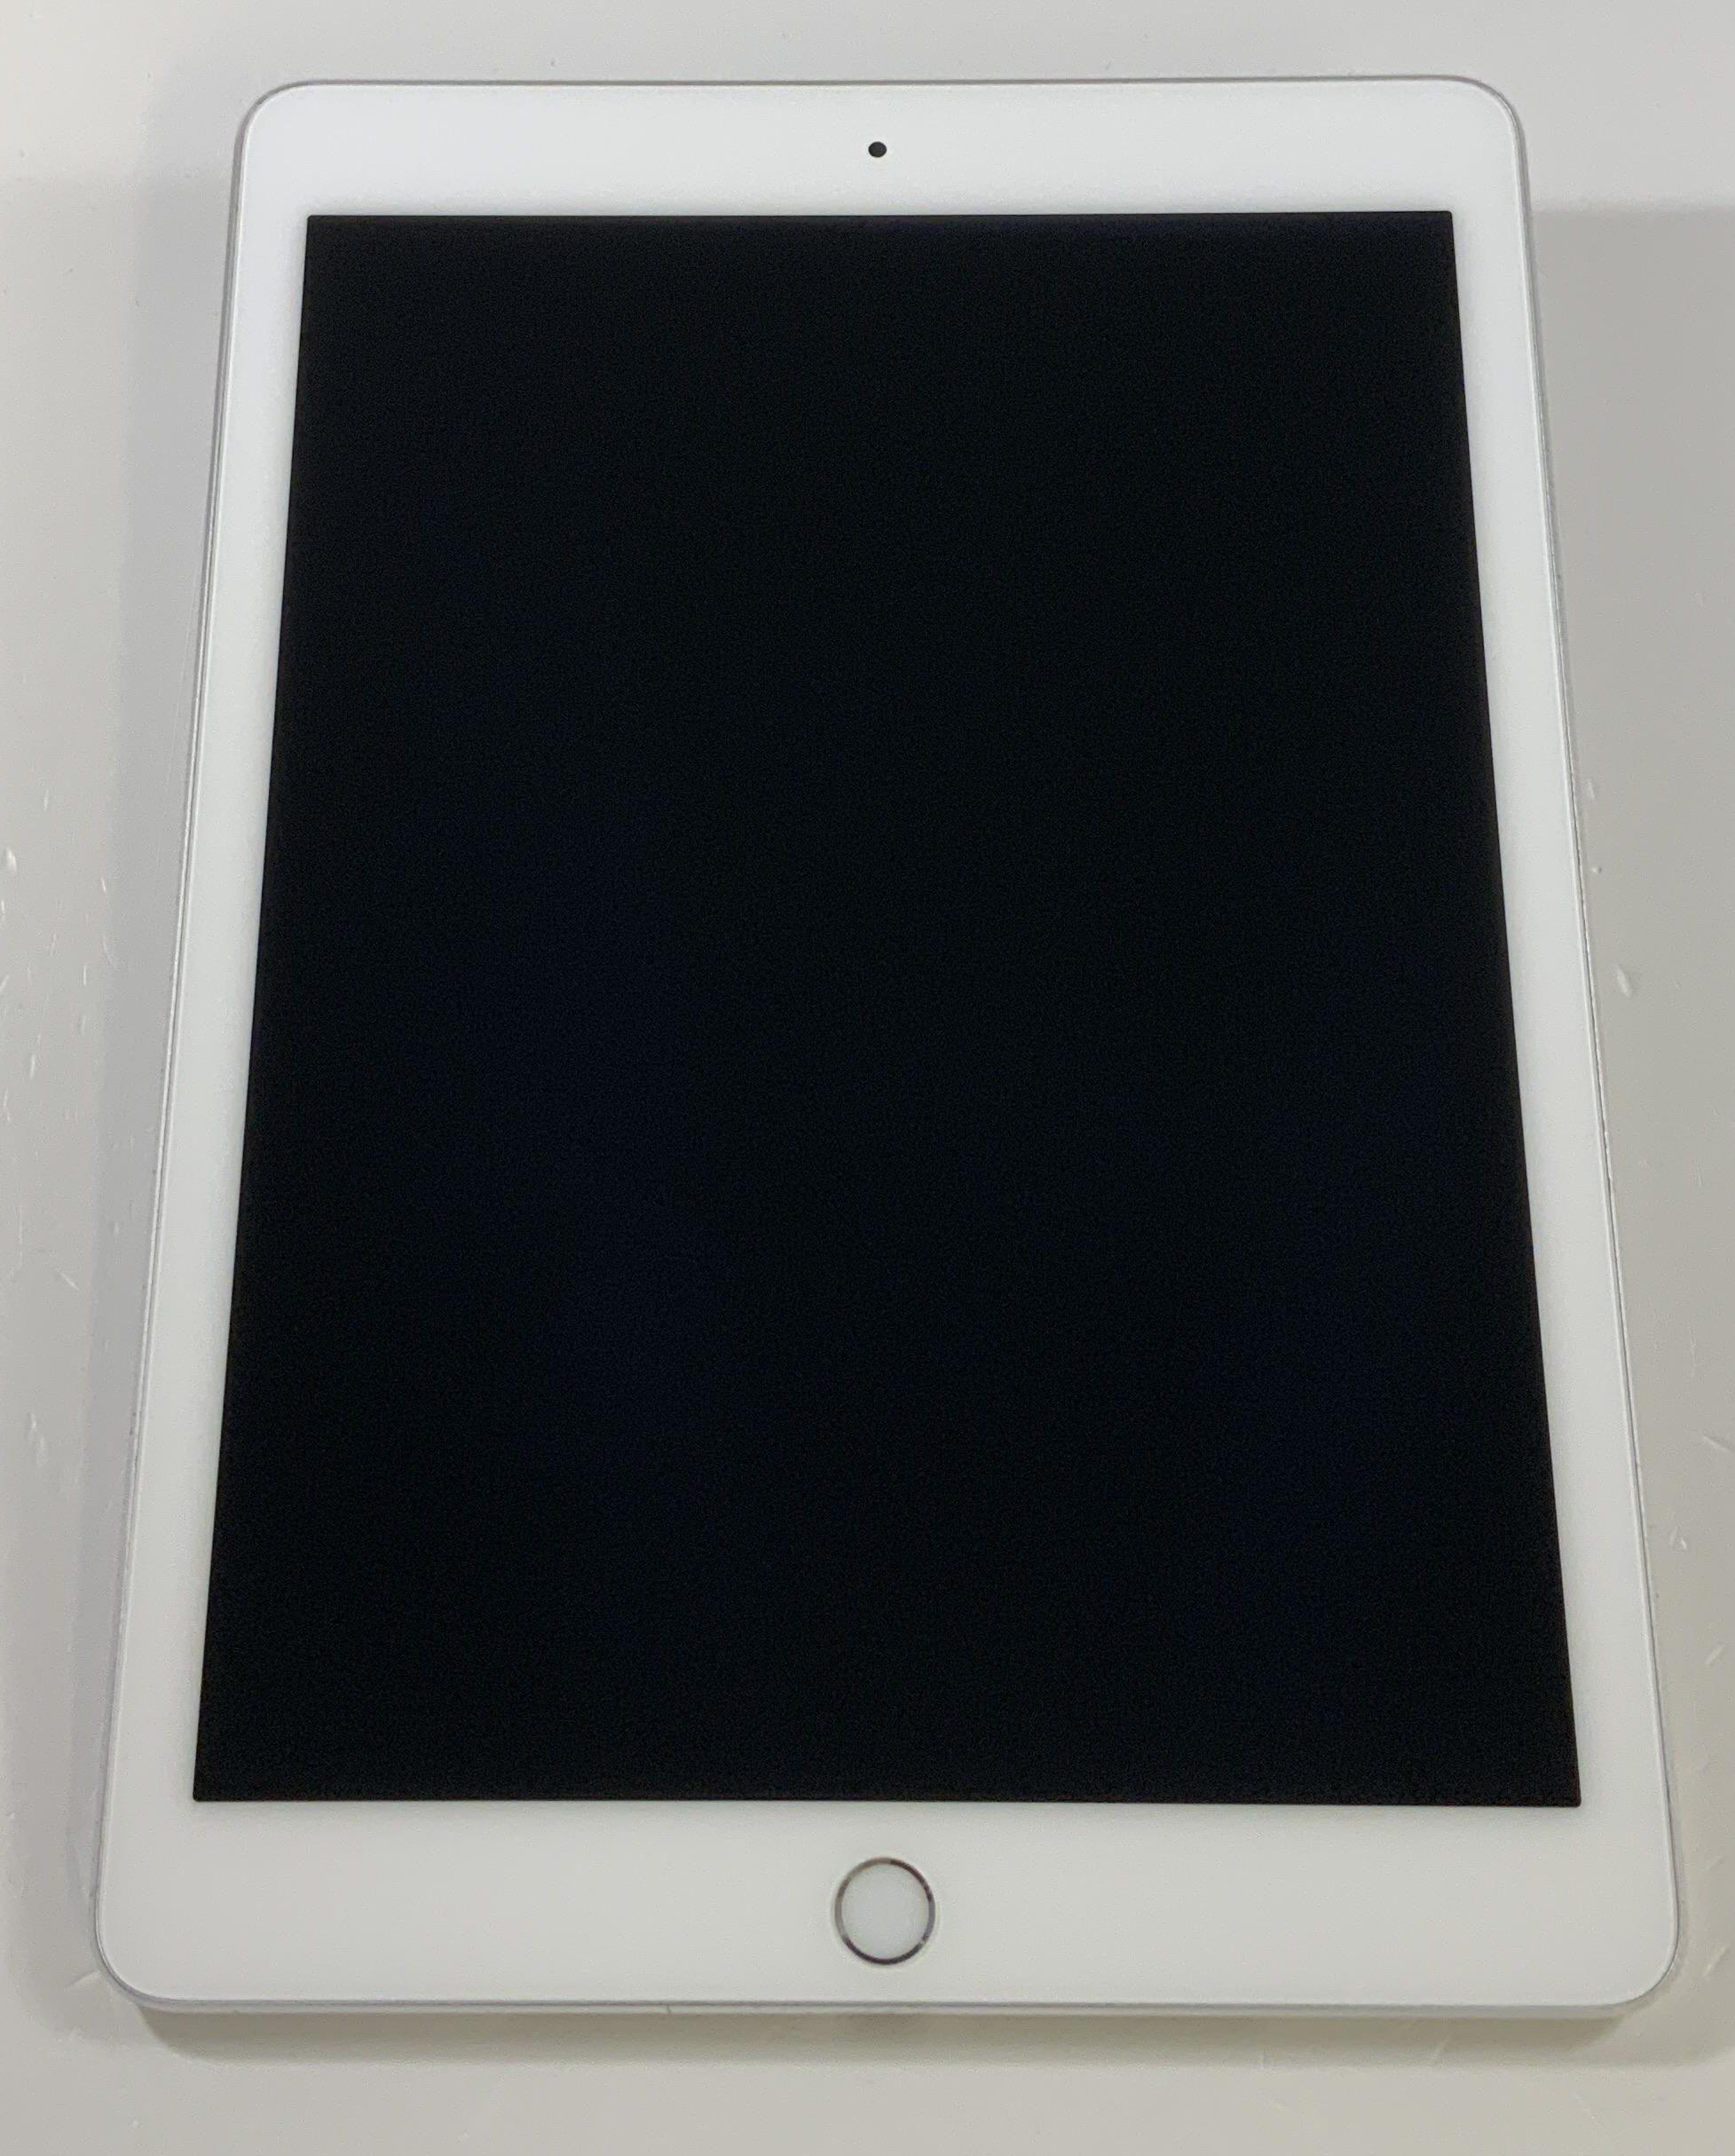 iPad Air 2 Wi-Fi 128GB, 128GB, Silver, Bild 1